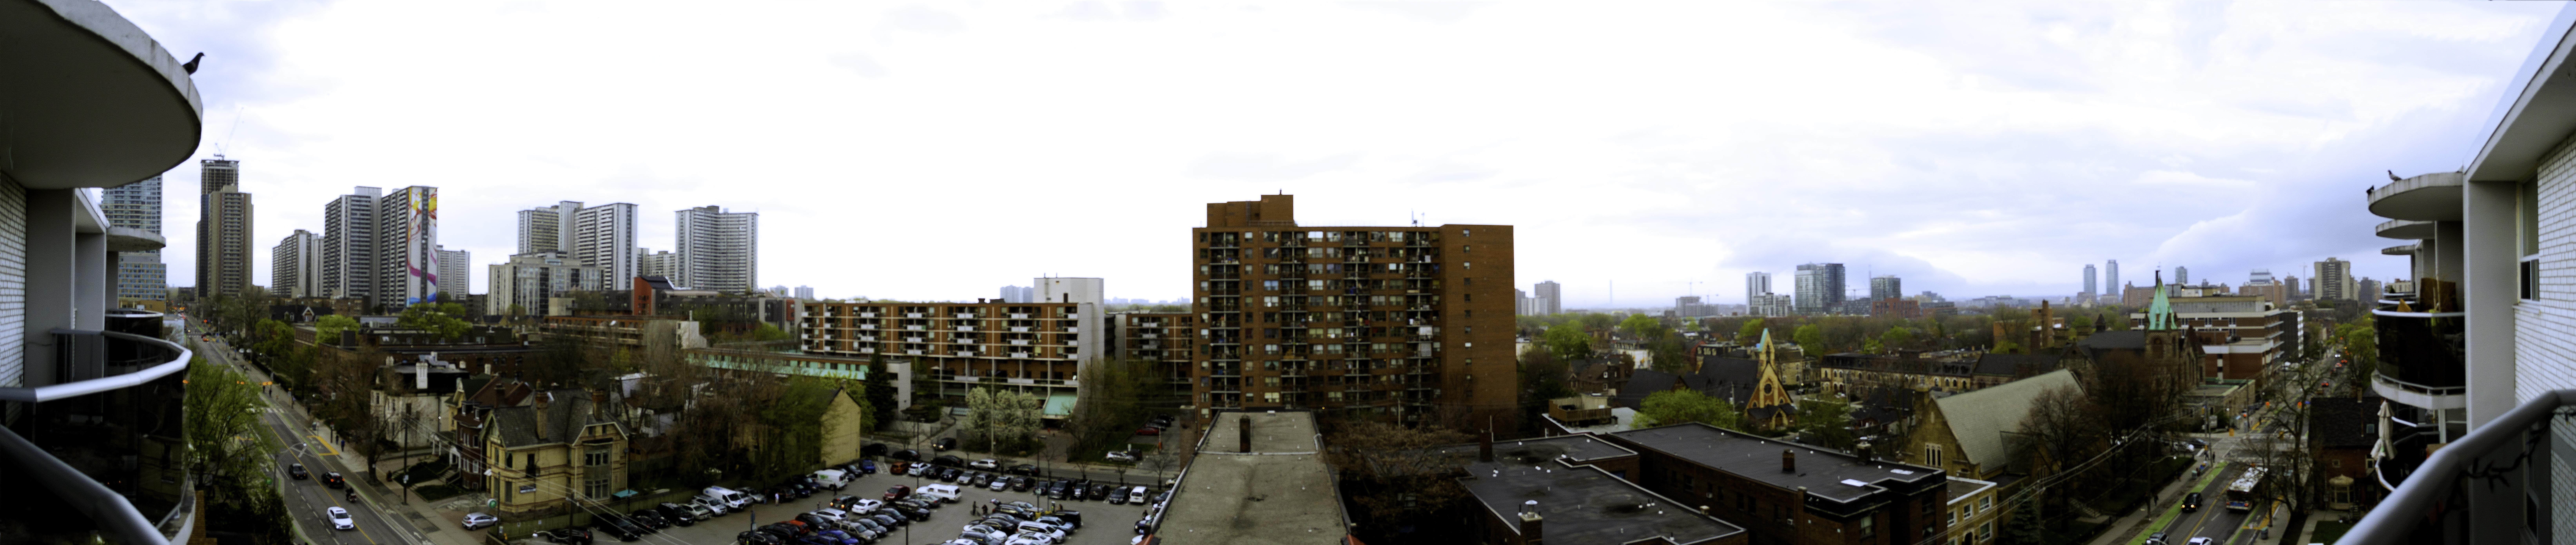 Balcony Panorama 1